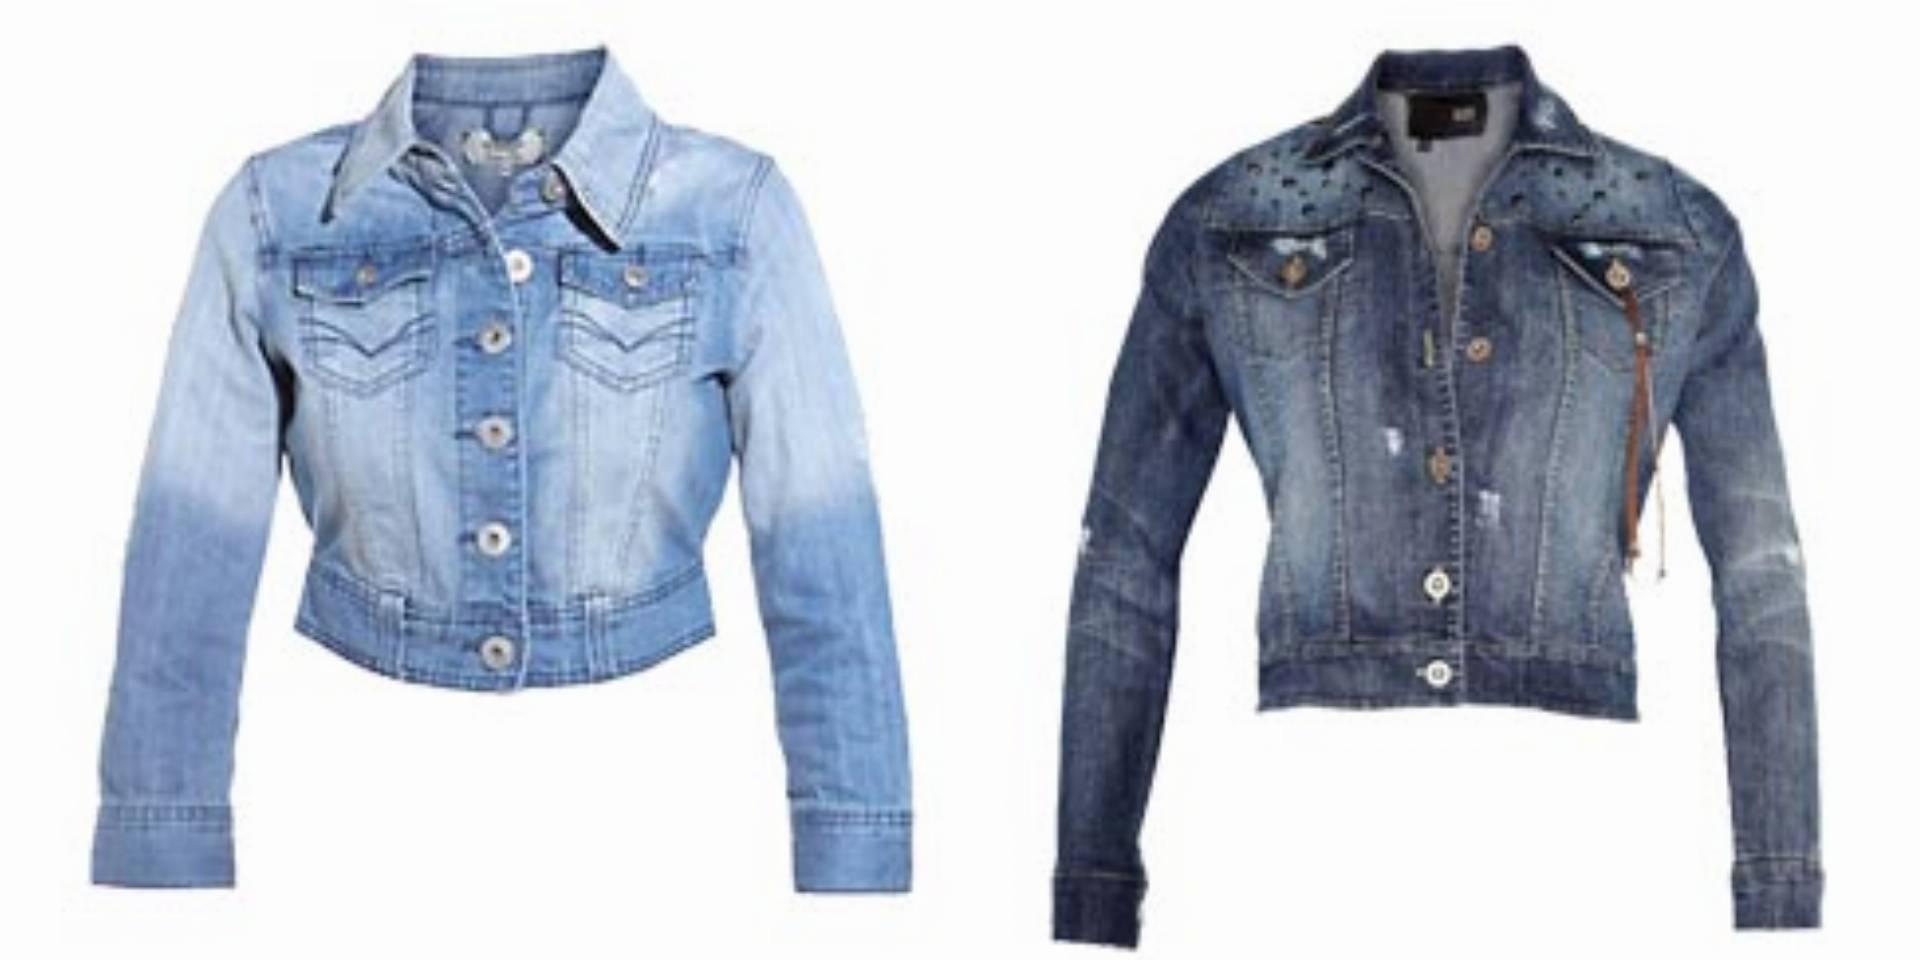 oryginalne kurtki jeansowe dla kobiet Sprawdź niezbędne w tym sezonie kurtki jeansowe na każdy dzień. Klasyczne fasony zostały uzupełnione oryginalnymi aplikacjami i strzępieniami, a fasony oversize podkreślą Twoją osobowość.